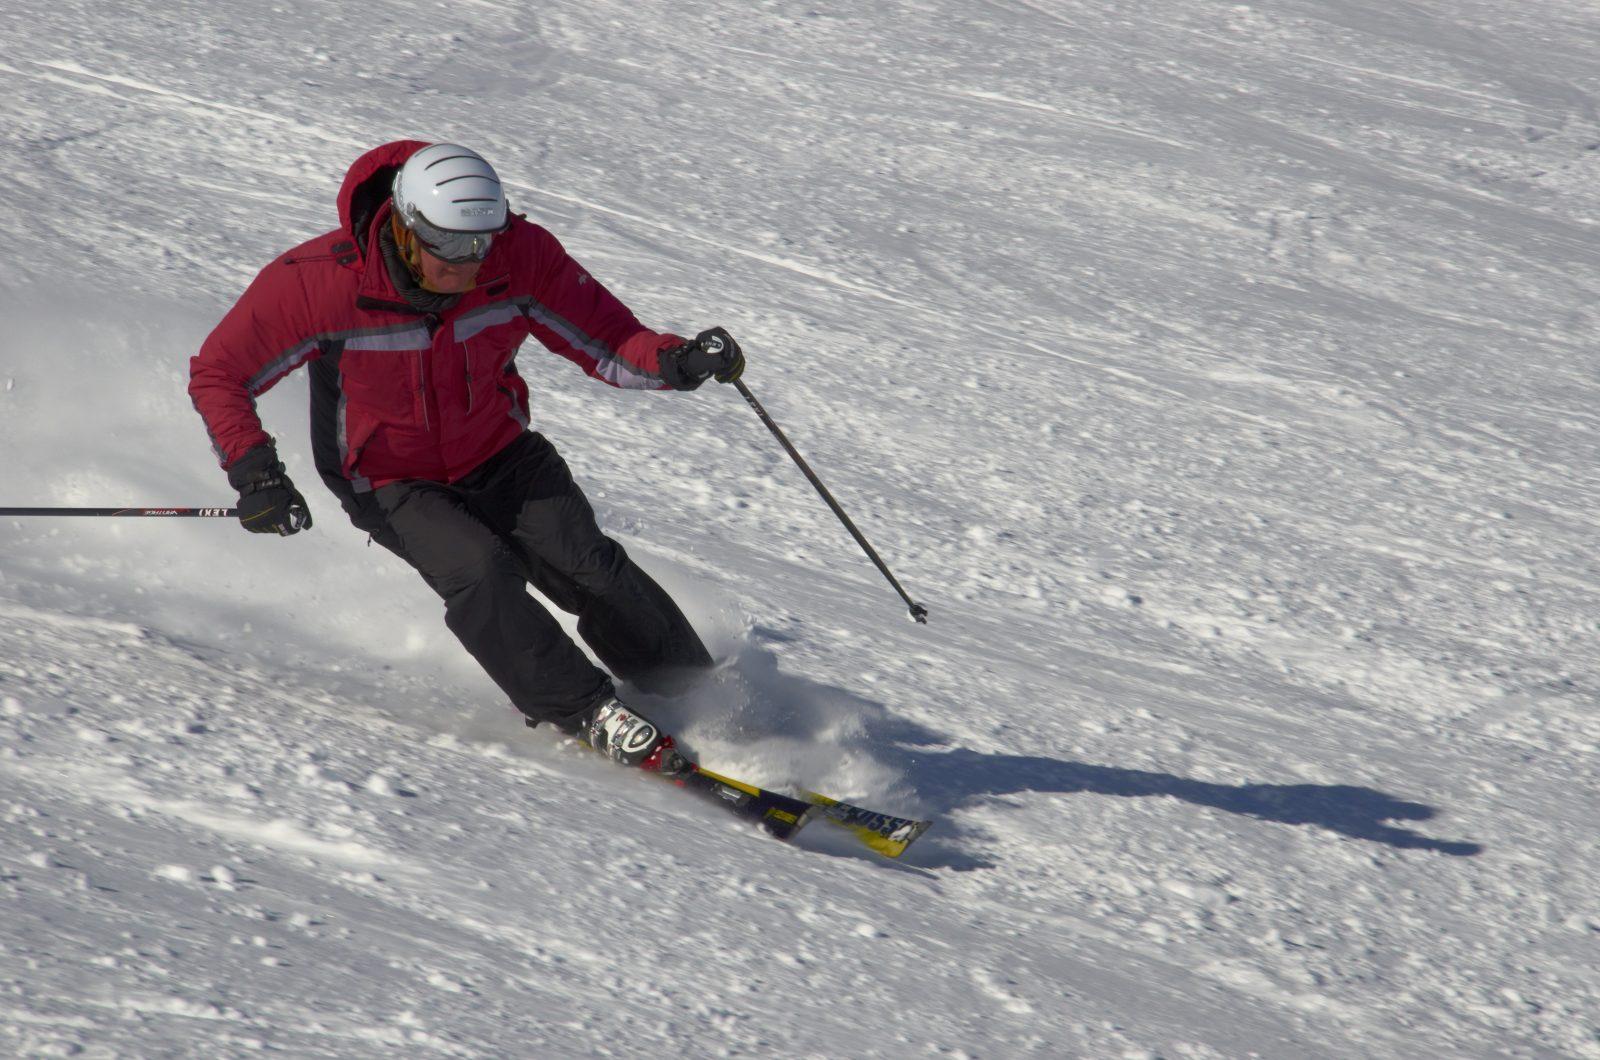 Des exercices de base pour préparer sa saison de ski